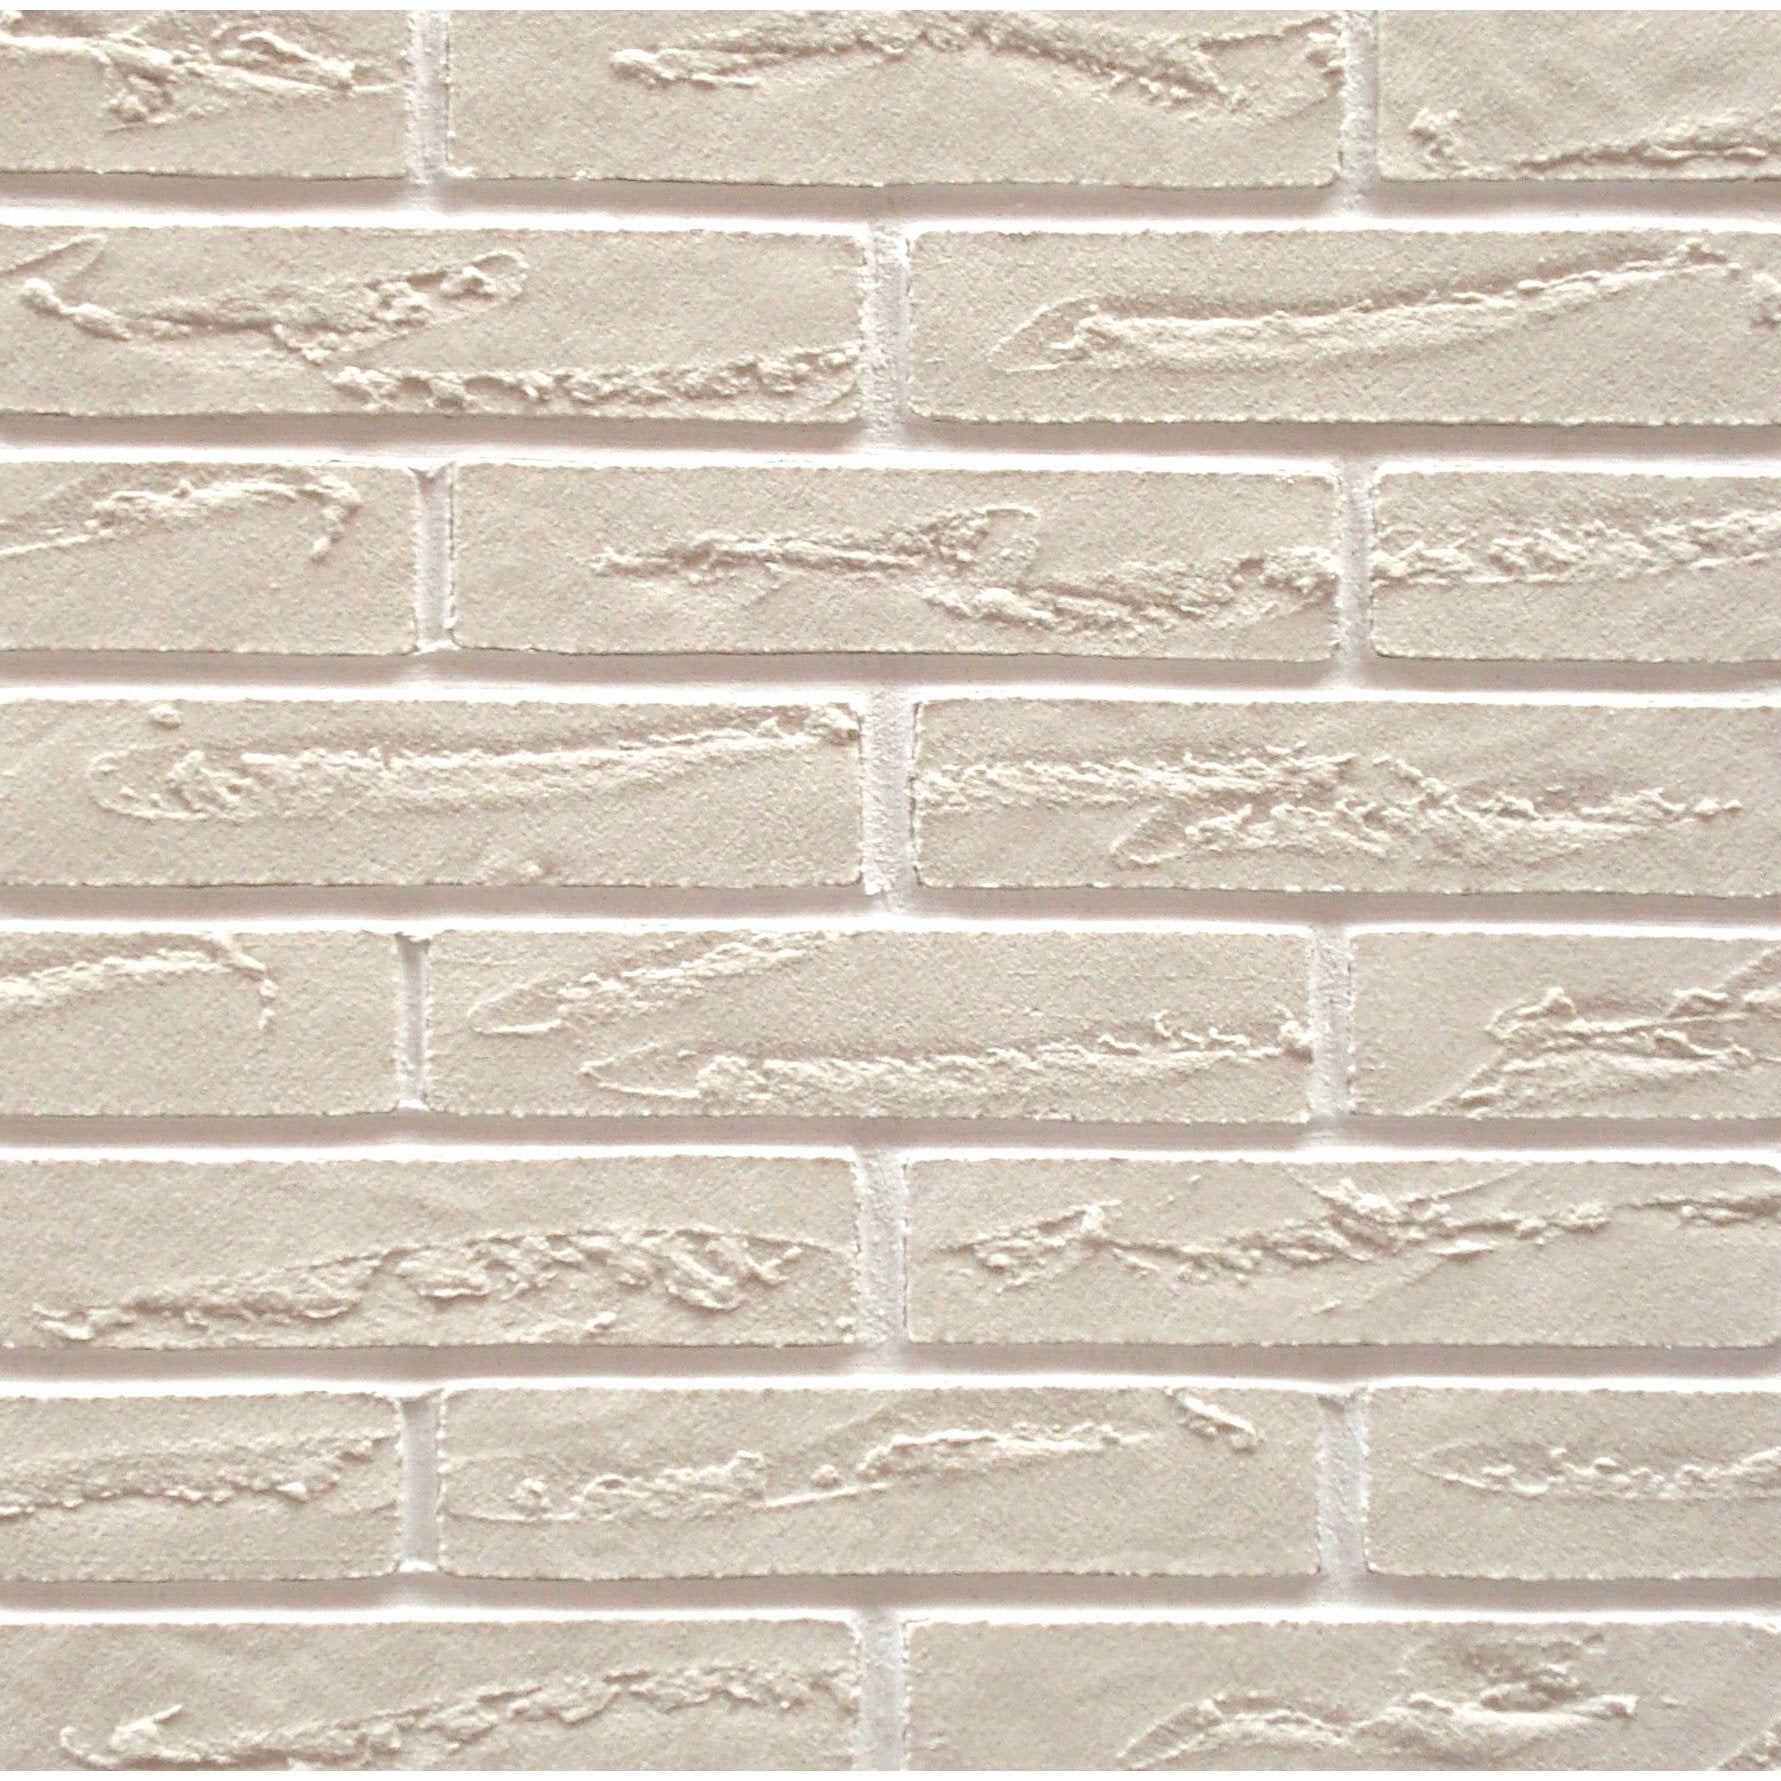 Plaquette De Parement A Coller plaquette de parement pierre naturelle blanc elastolith